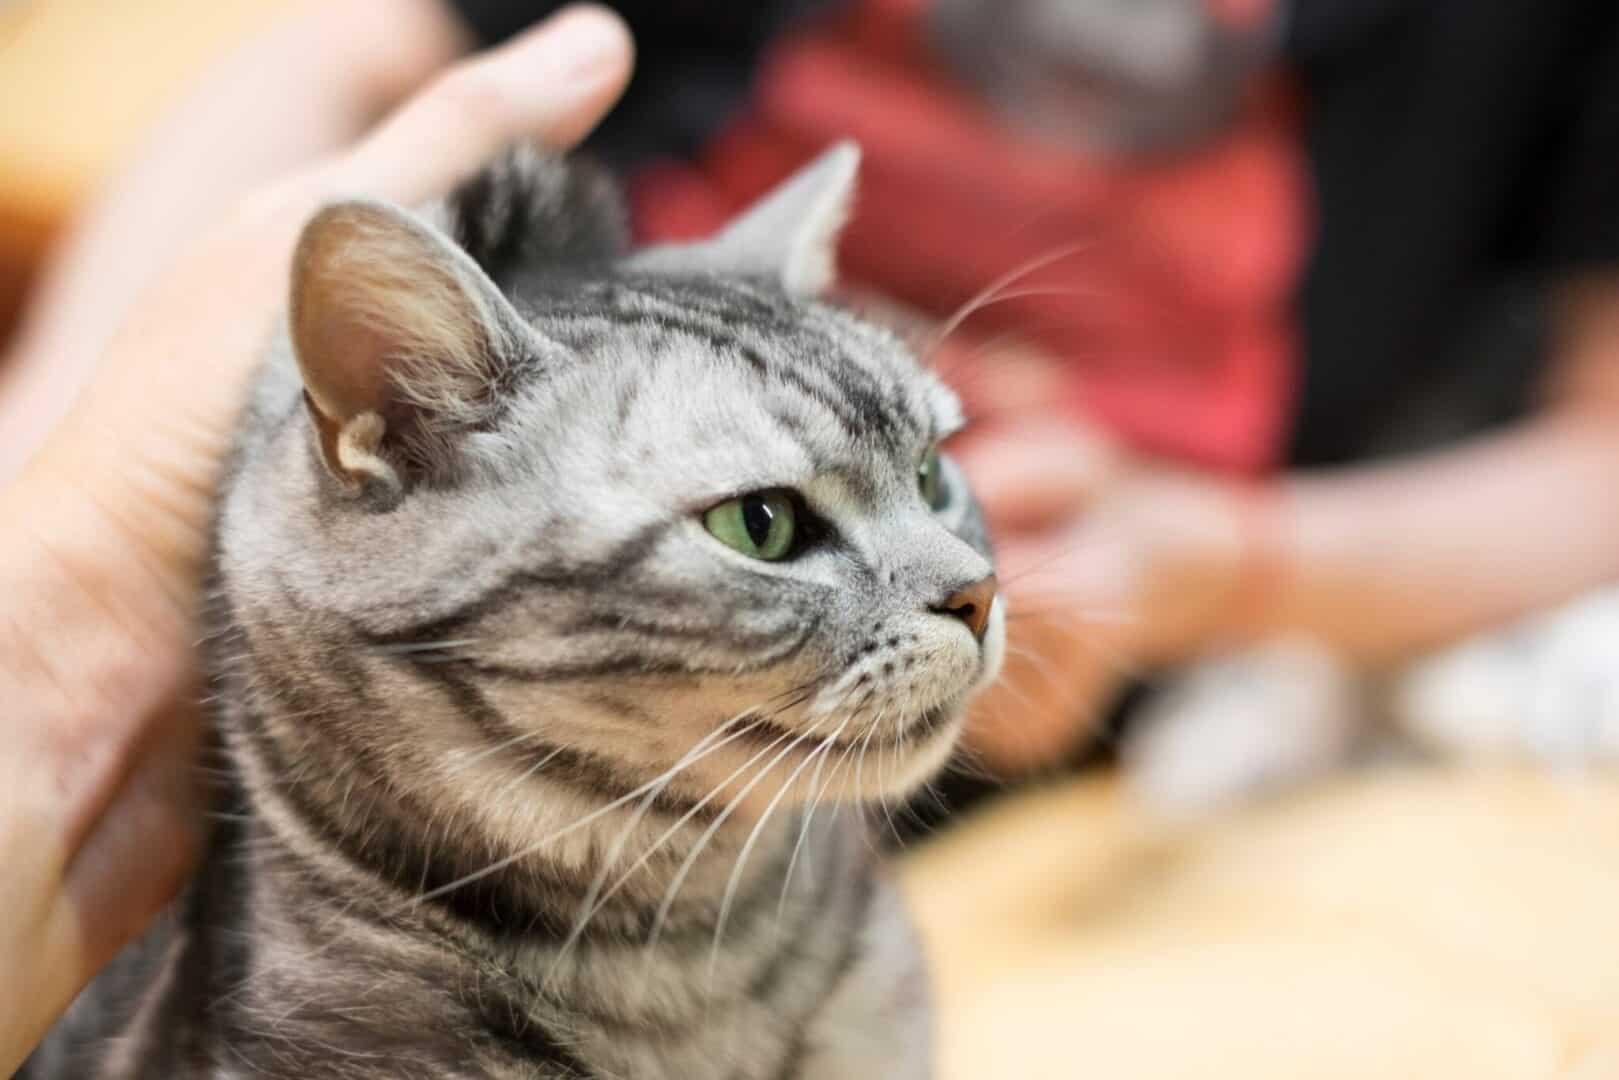 scruff a cat